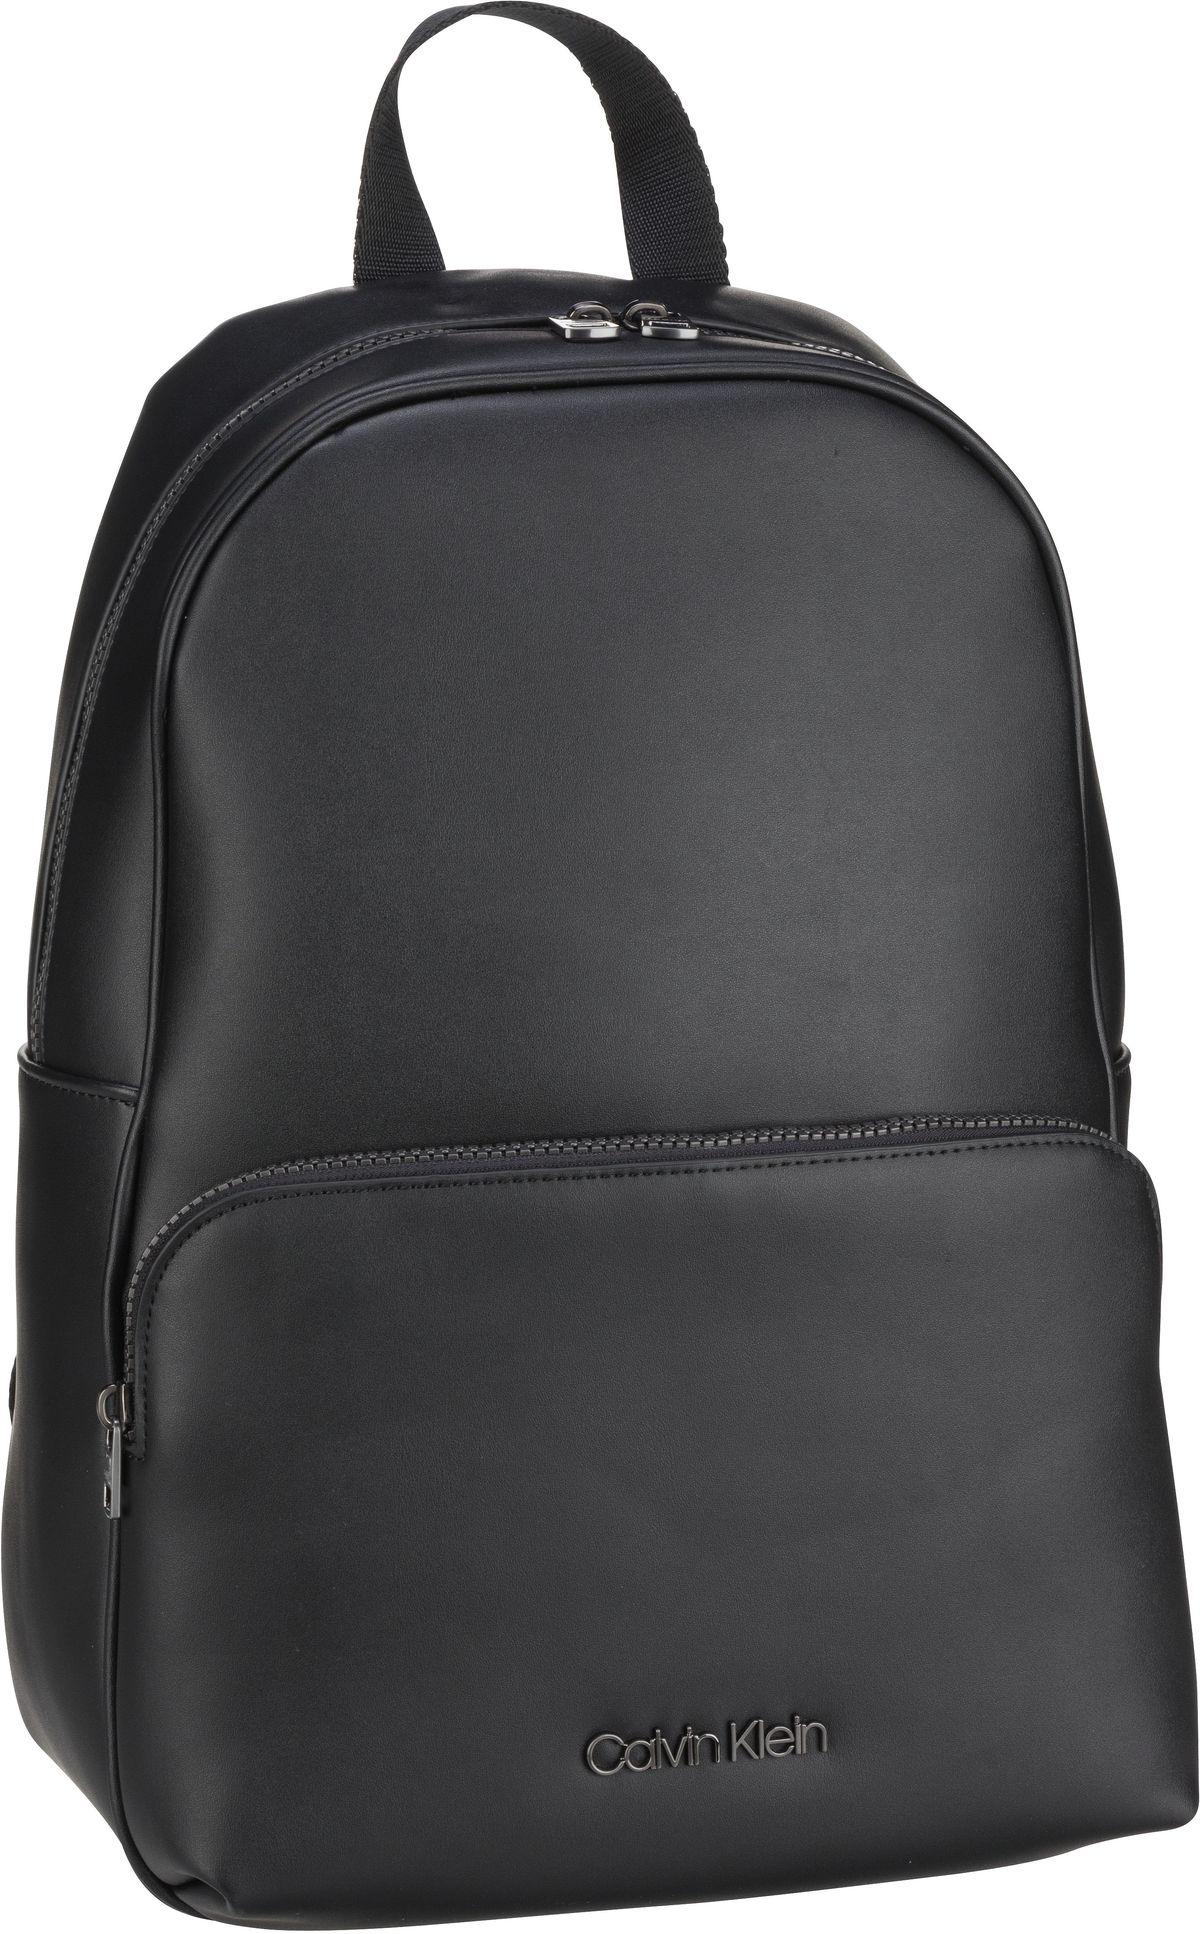 calvin klein -  Laptoprucksack CK Central Round Backpack PF20 Black